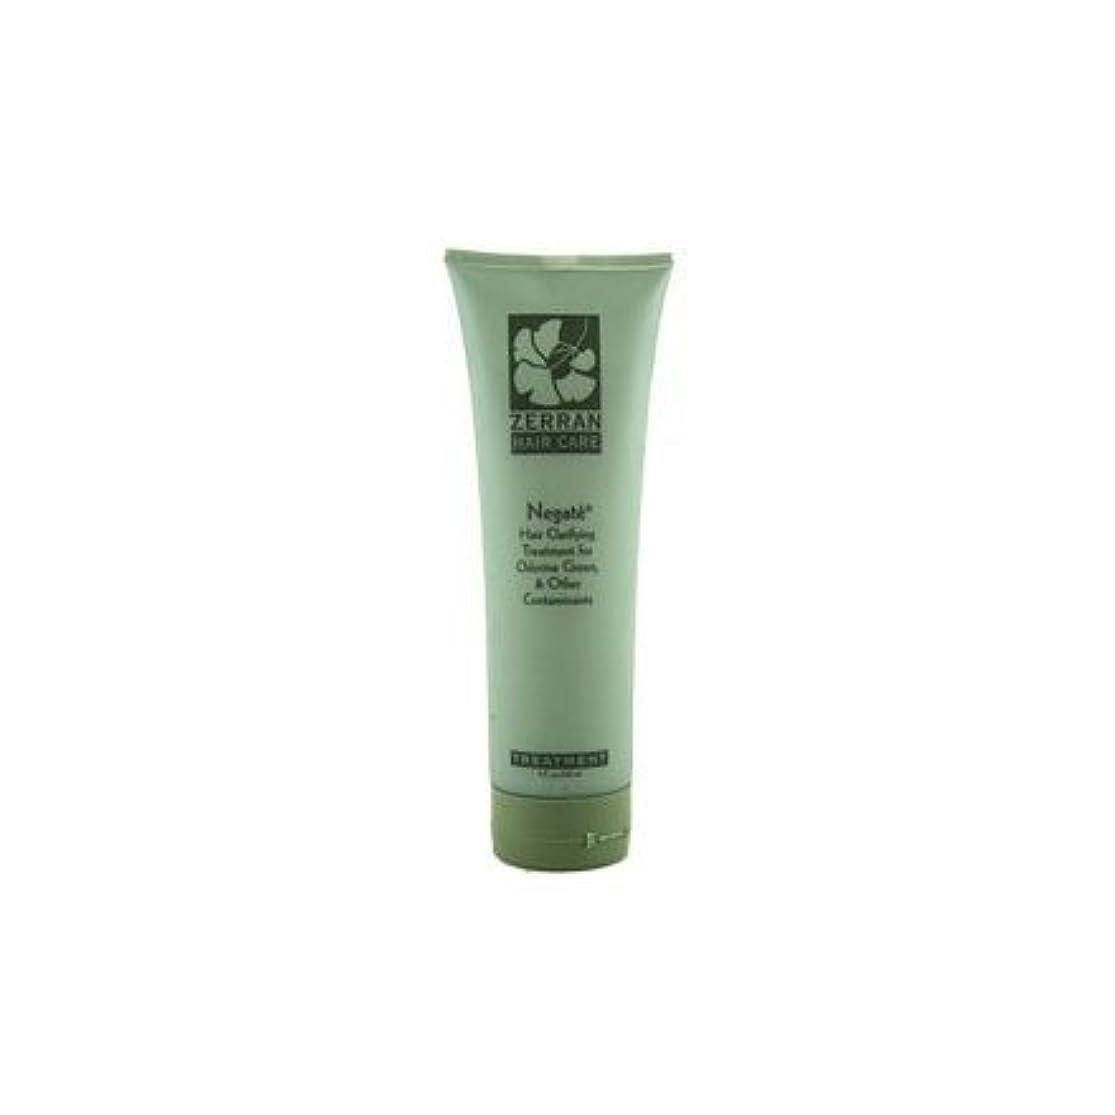 合金株式会社おとこZerran Hair Care 32オンス/リットル - 塩素グリーン&その他の汚染物質のためのZerran否認髪クラリファイングトリートメント 32オンス